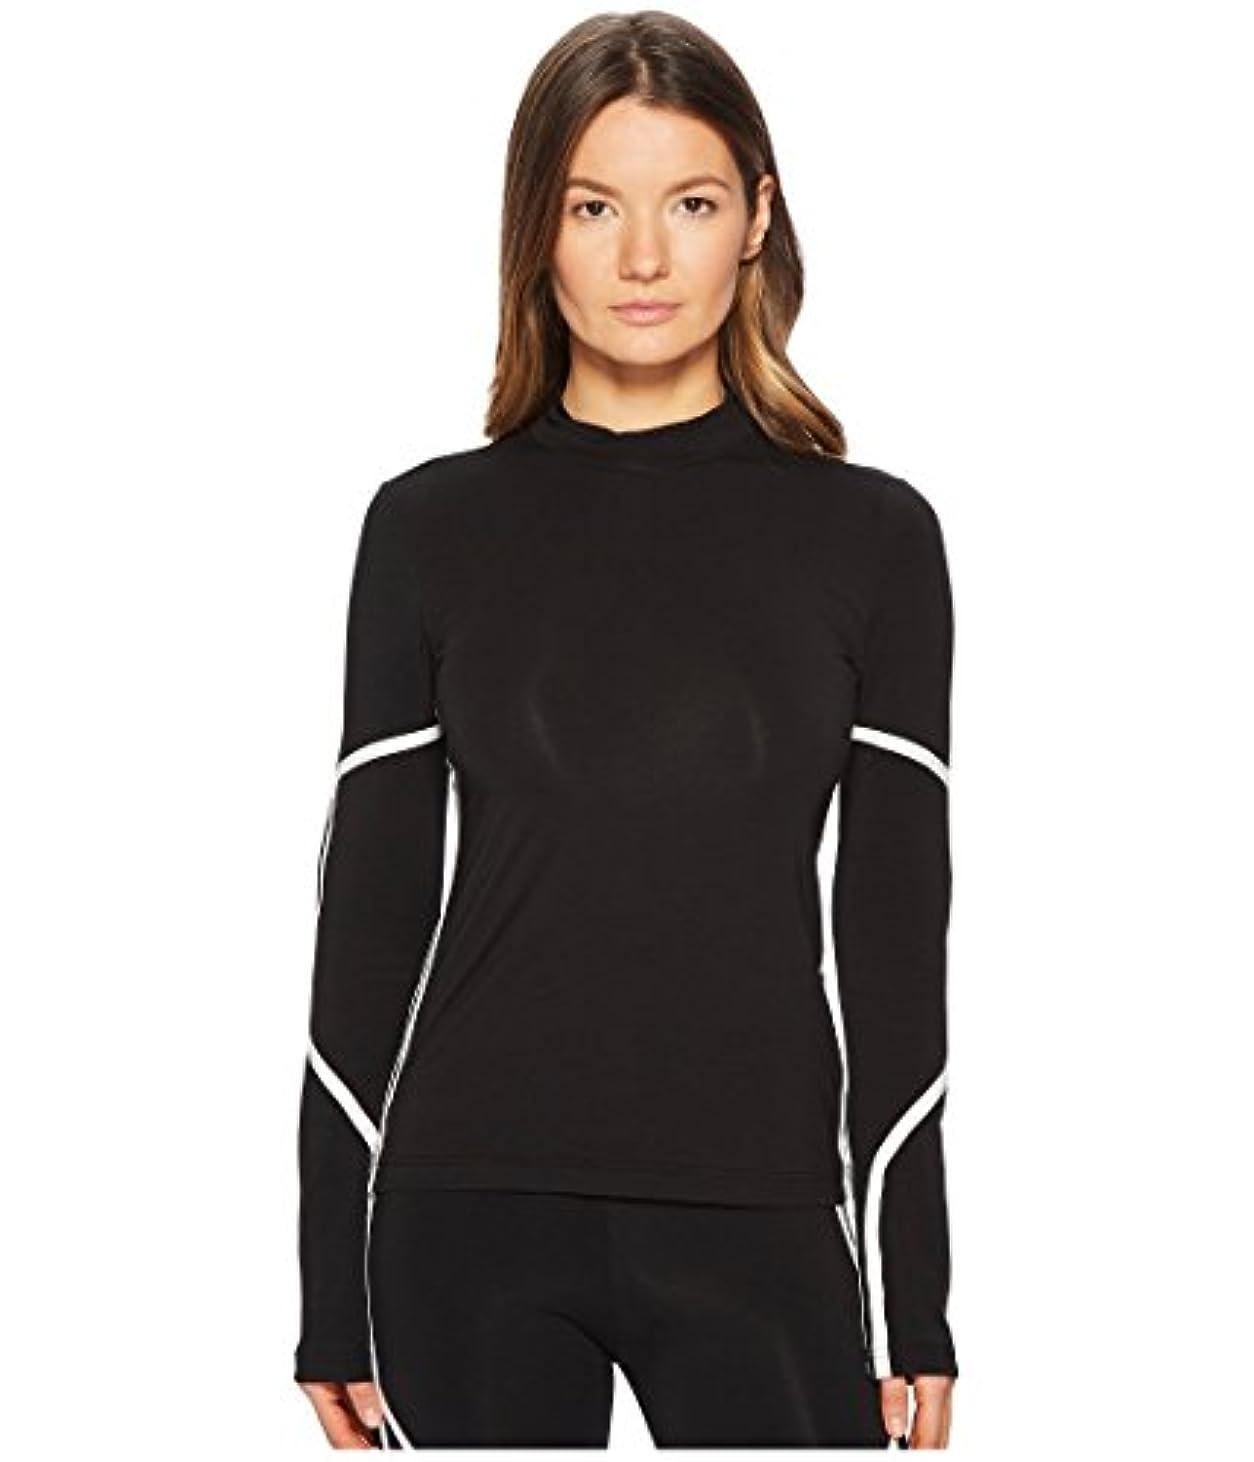 テレマコス奇跡的な確認する(アディダス) adidas レディースタンクトップ?Tシャツ Mesh Long Sleeve Tee Black/Core White M